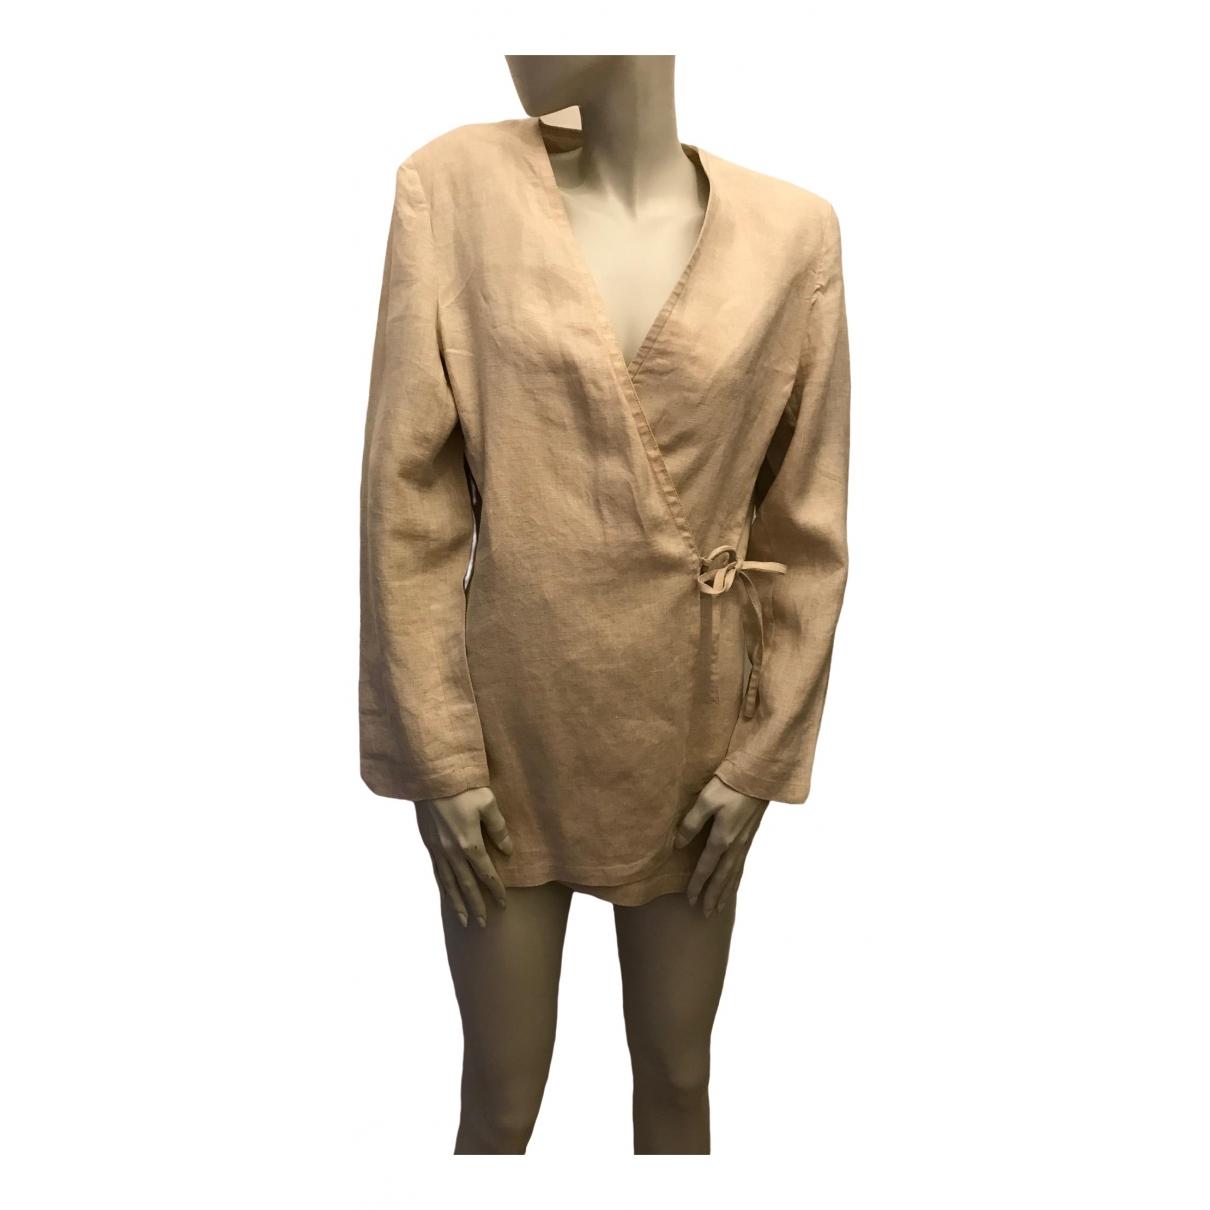 Zapa \N Ecru Linen jacket for Women 46 FR